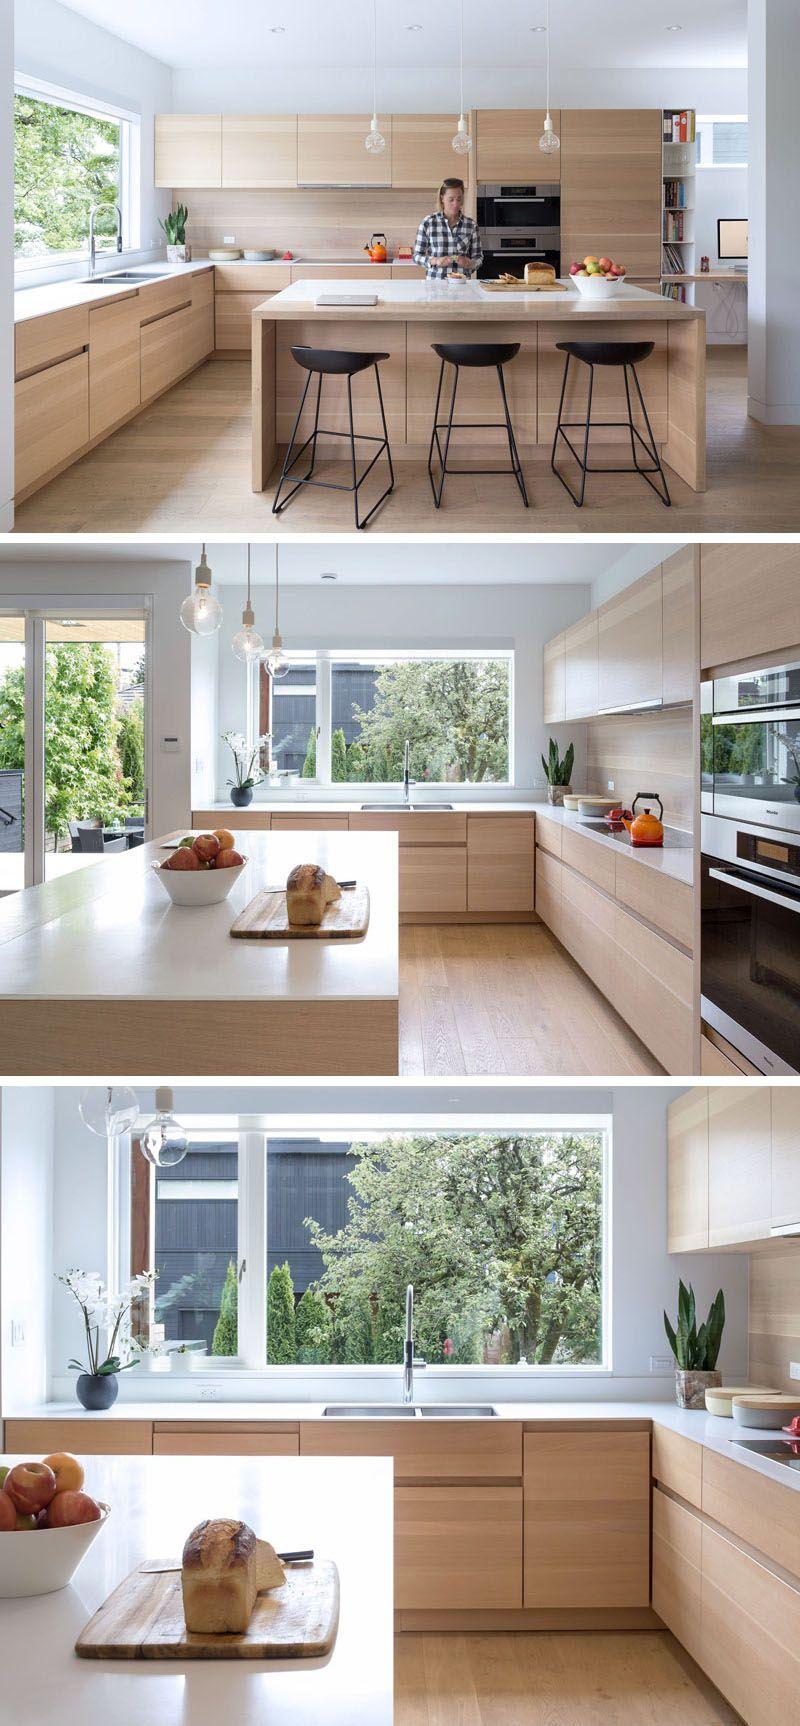 Neue wohnzimmer innenarchitektur tonalidades cocina  cocina  pinterest  küchen ideen haus küchen